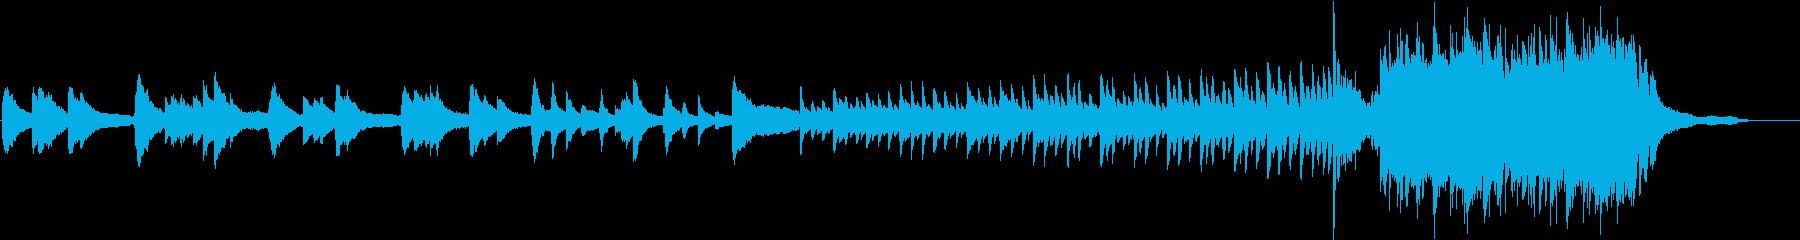 切ないピアノから後半はリズミカルの再生済みの波形